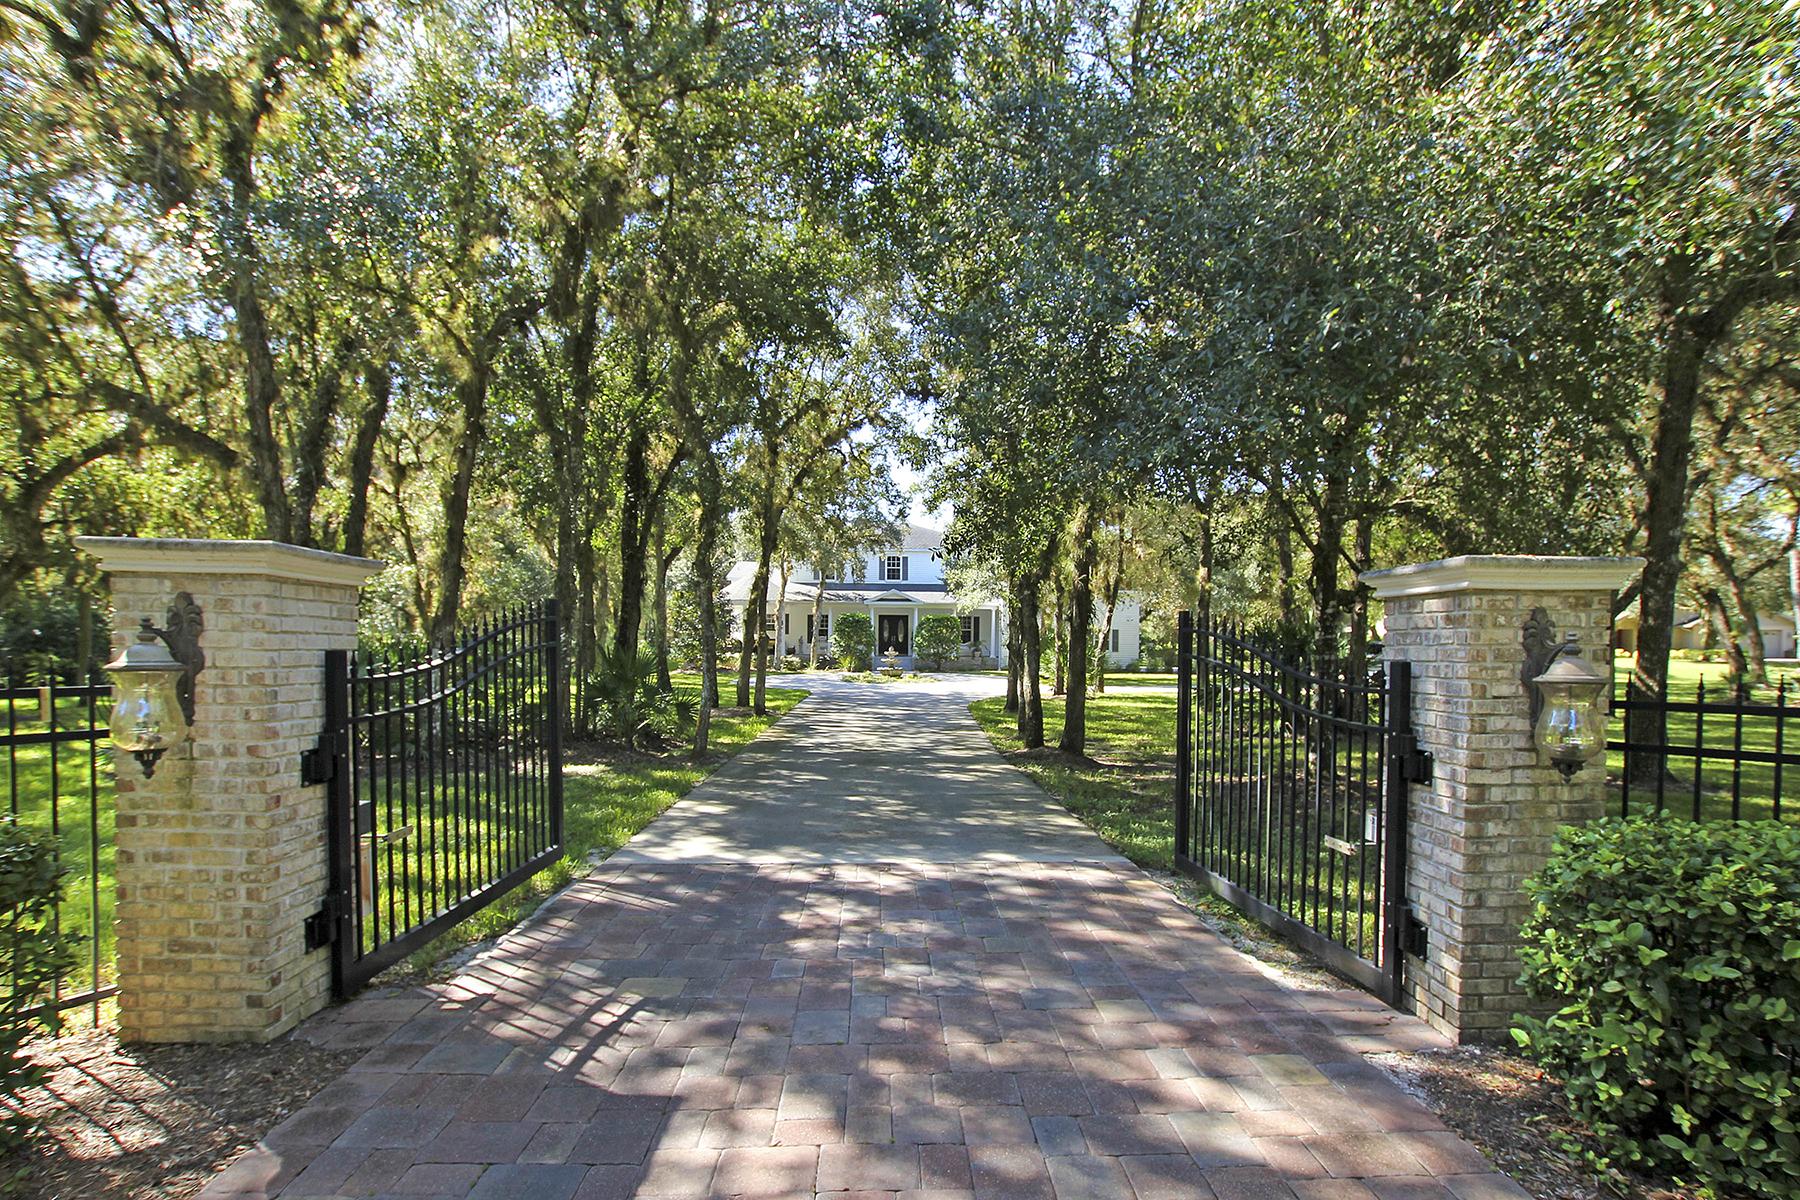 Tek Ailelik Ev için Satış at ALVA 17280 Frank Rd Alva, Florida, 33920 Amerika Birleşik Devletleri